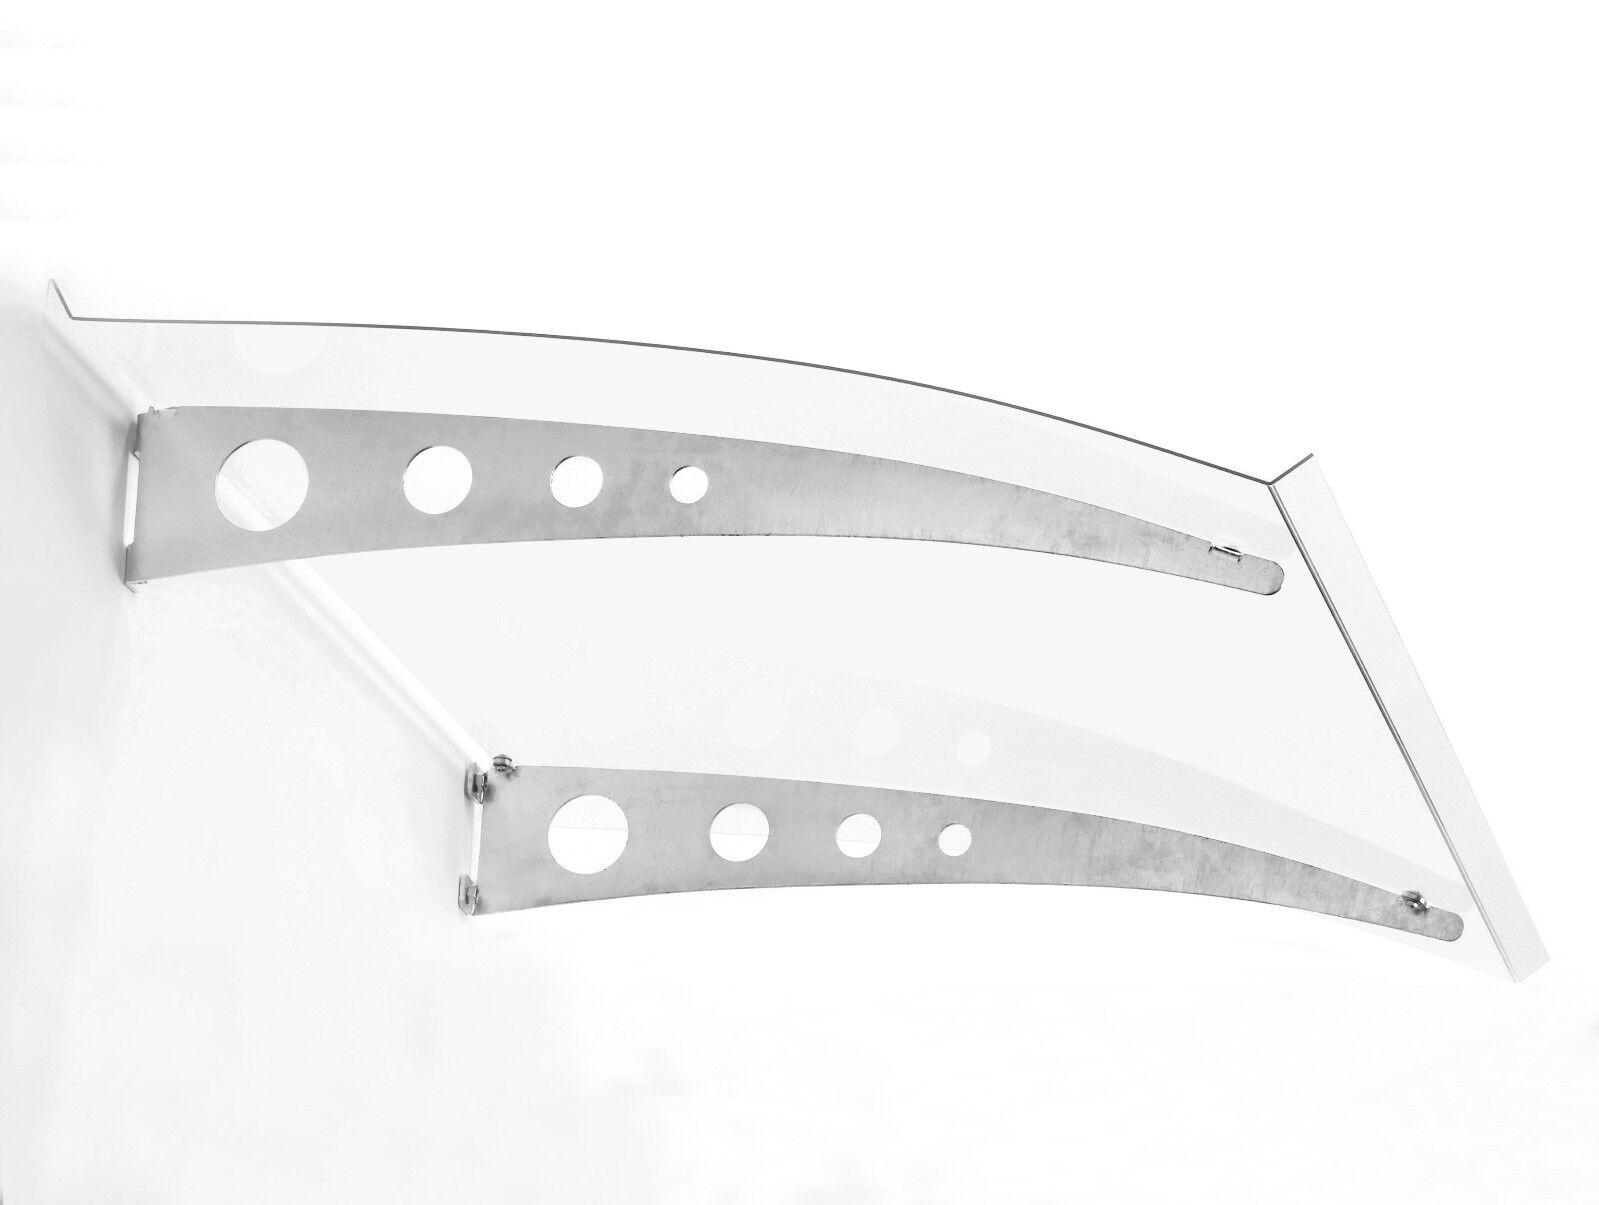 Haustürvordach / Pultvordach Pico Top 1400,  Maße:140cm x 90cm x 17cm (BxTxH)